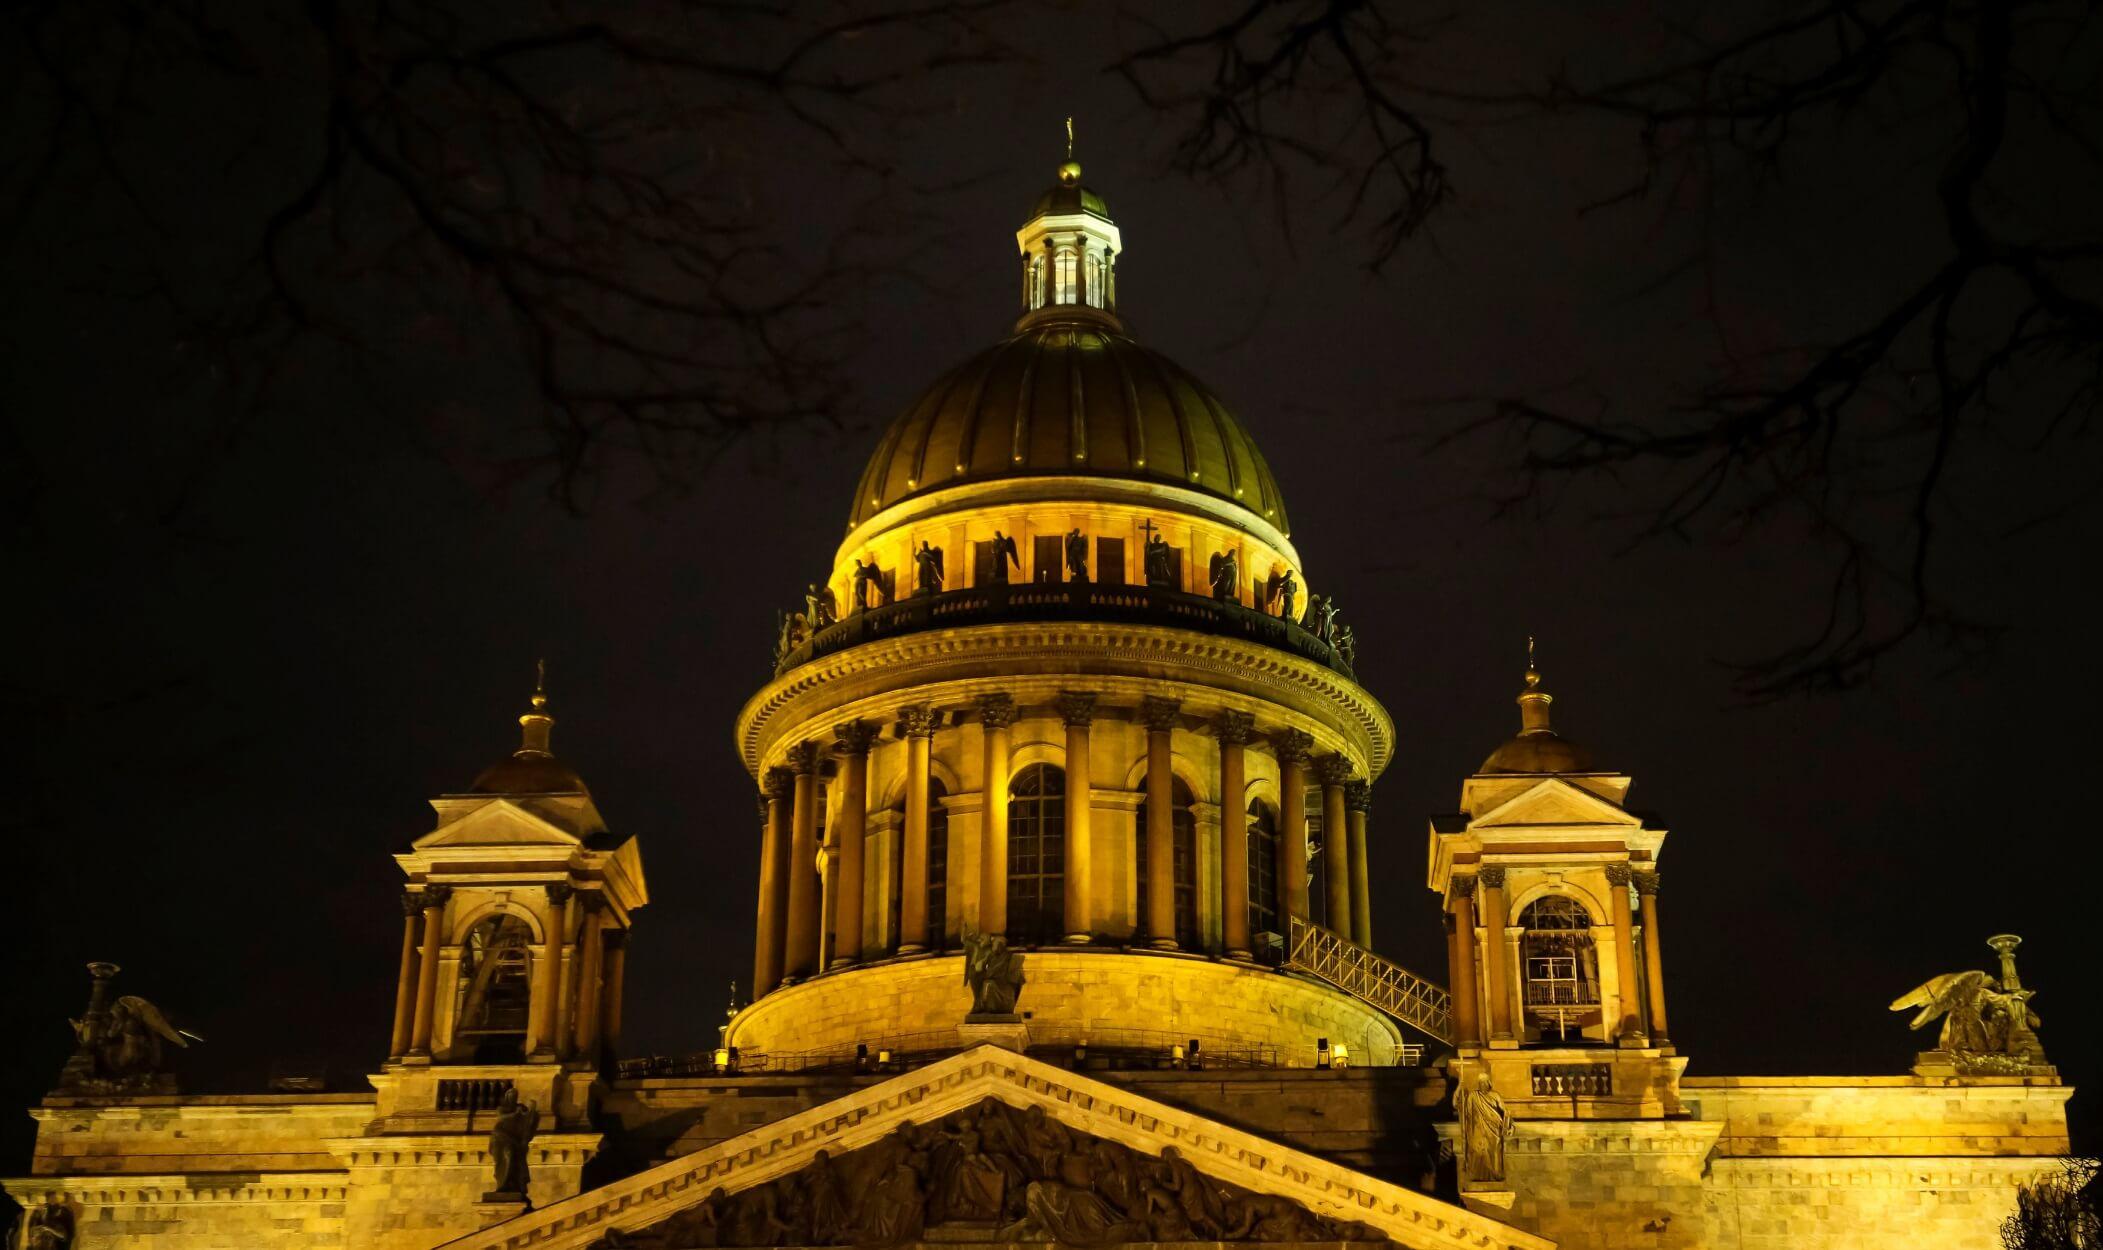 Μία σταγόνα ιστορία - Αγία Πετρούπολη: Ονειρικό επίτευγμα ενός μυθικού τσάρου